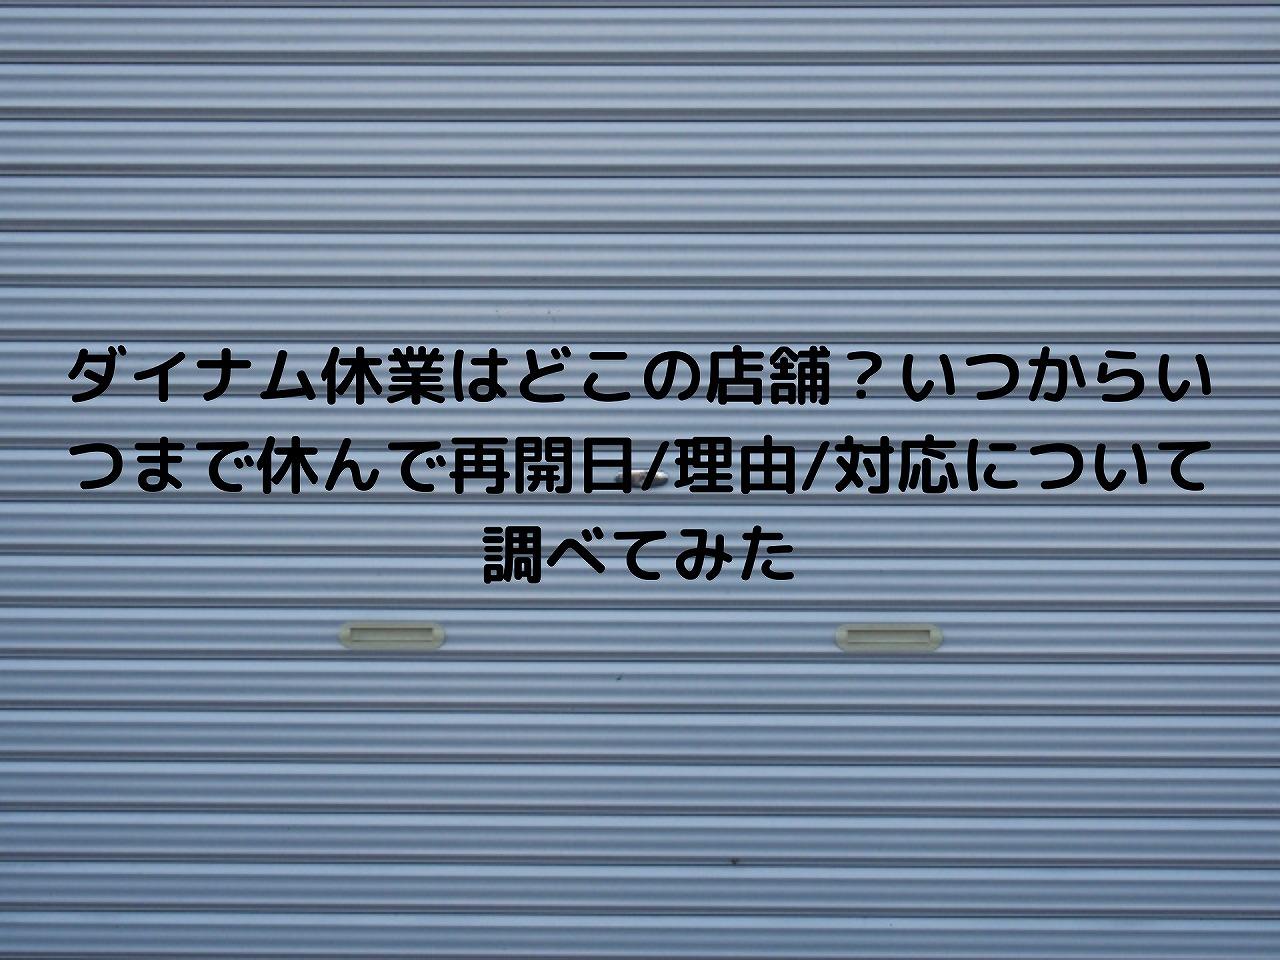 篠山 ダイナム